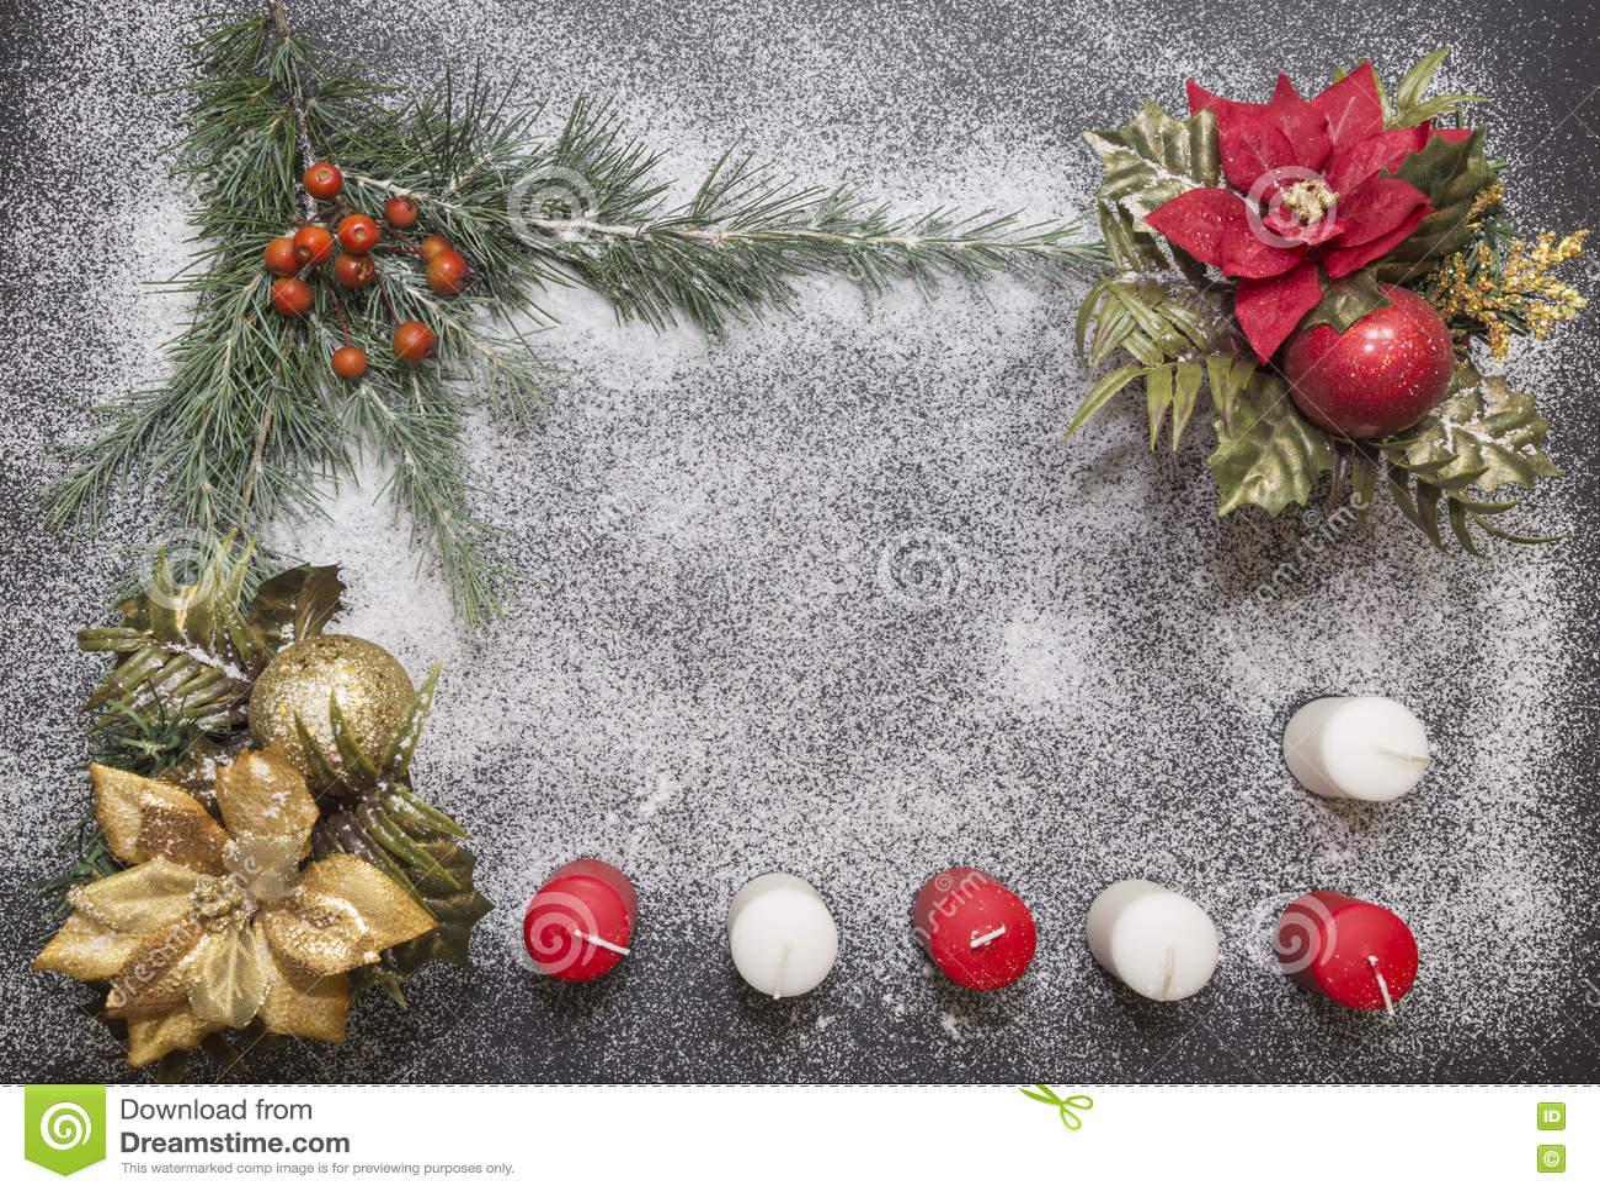 Tarjeta de felicitación con la decoración festiva en el fondo de la nieve que simula el azúcar